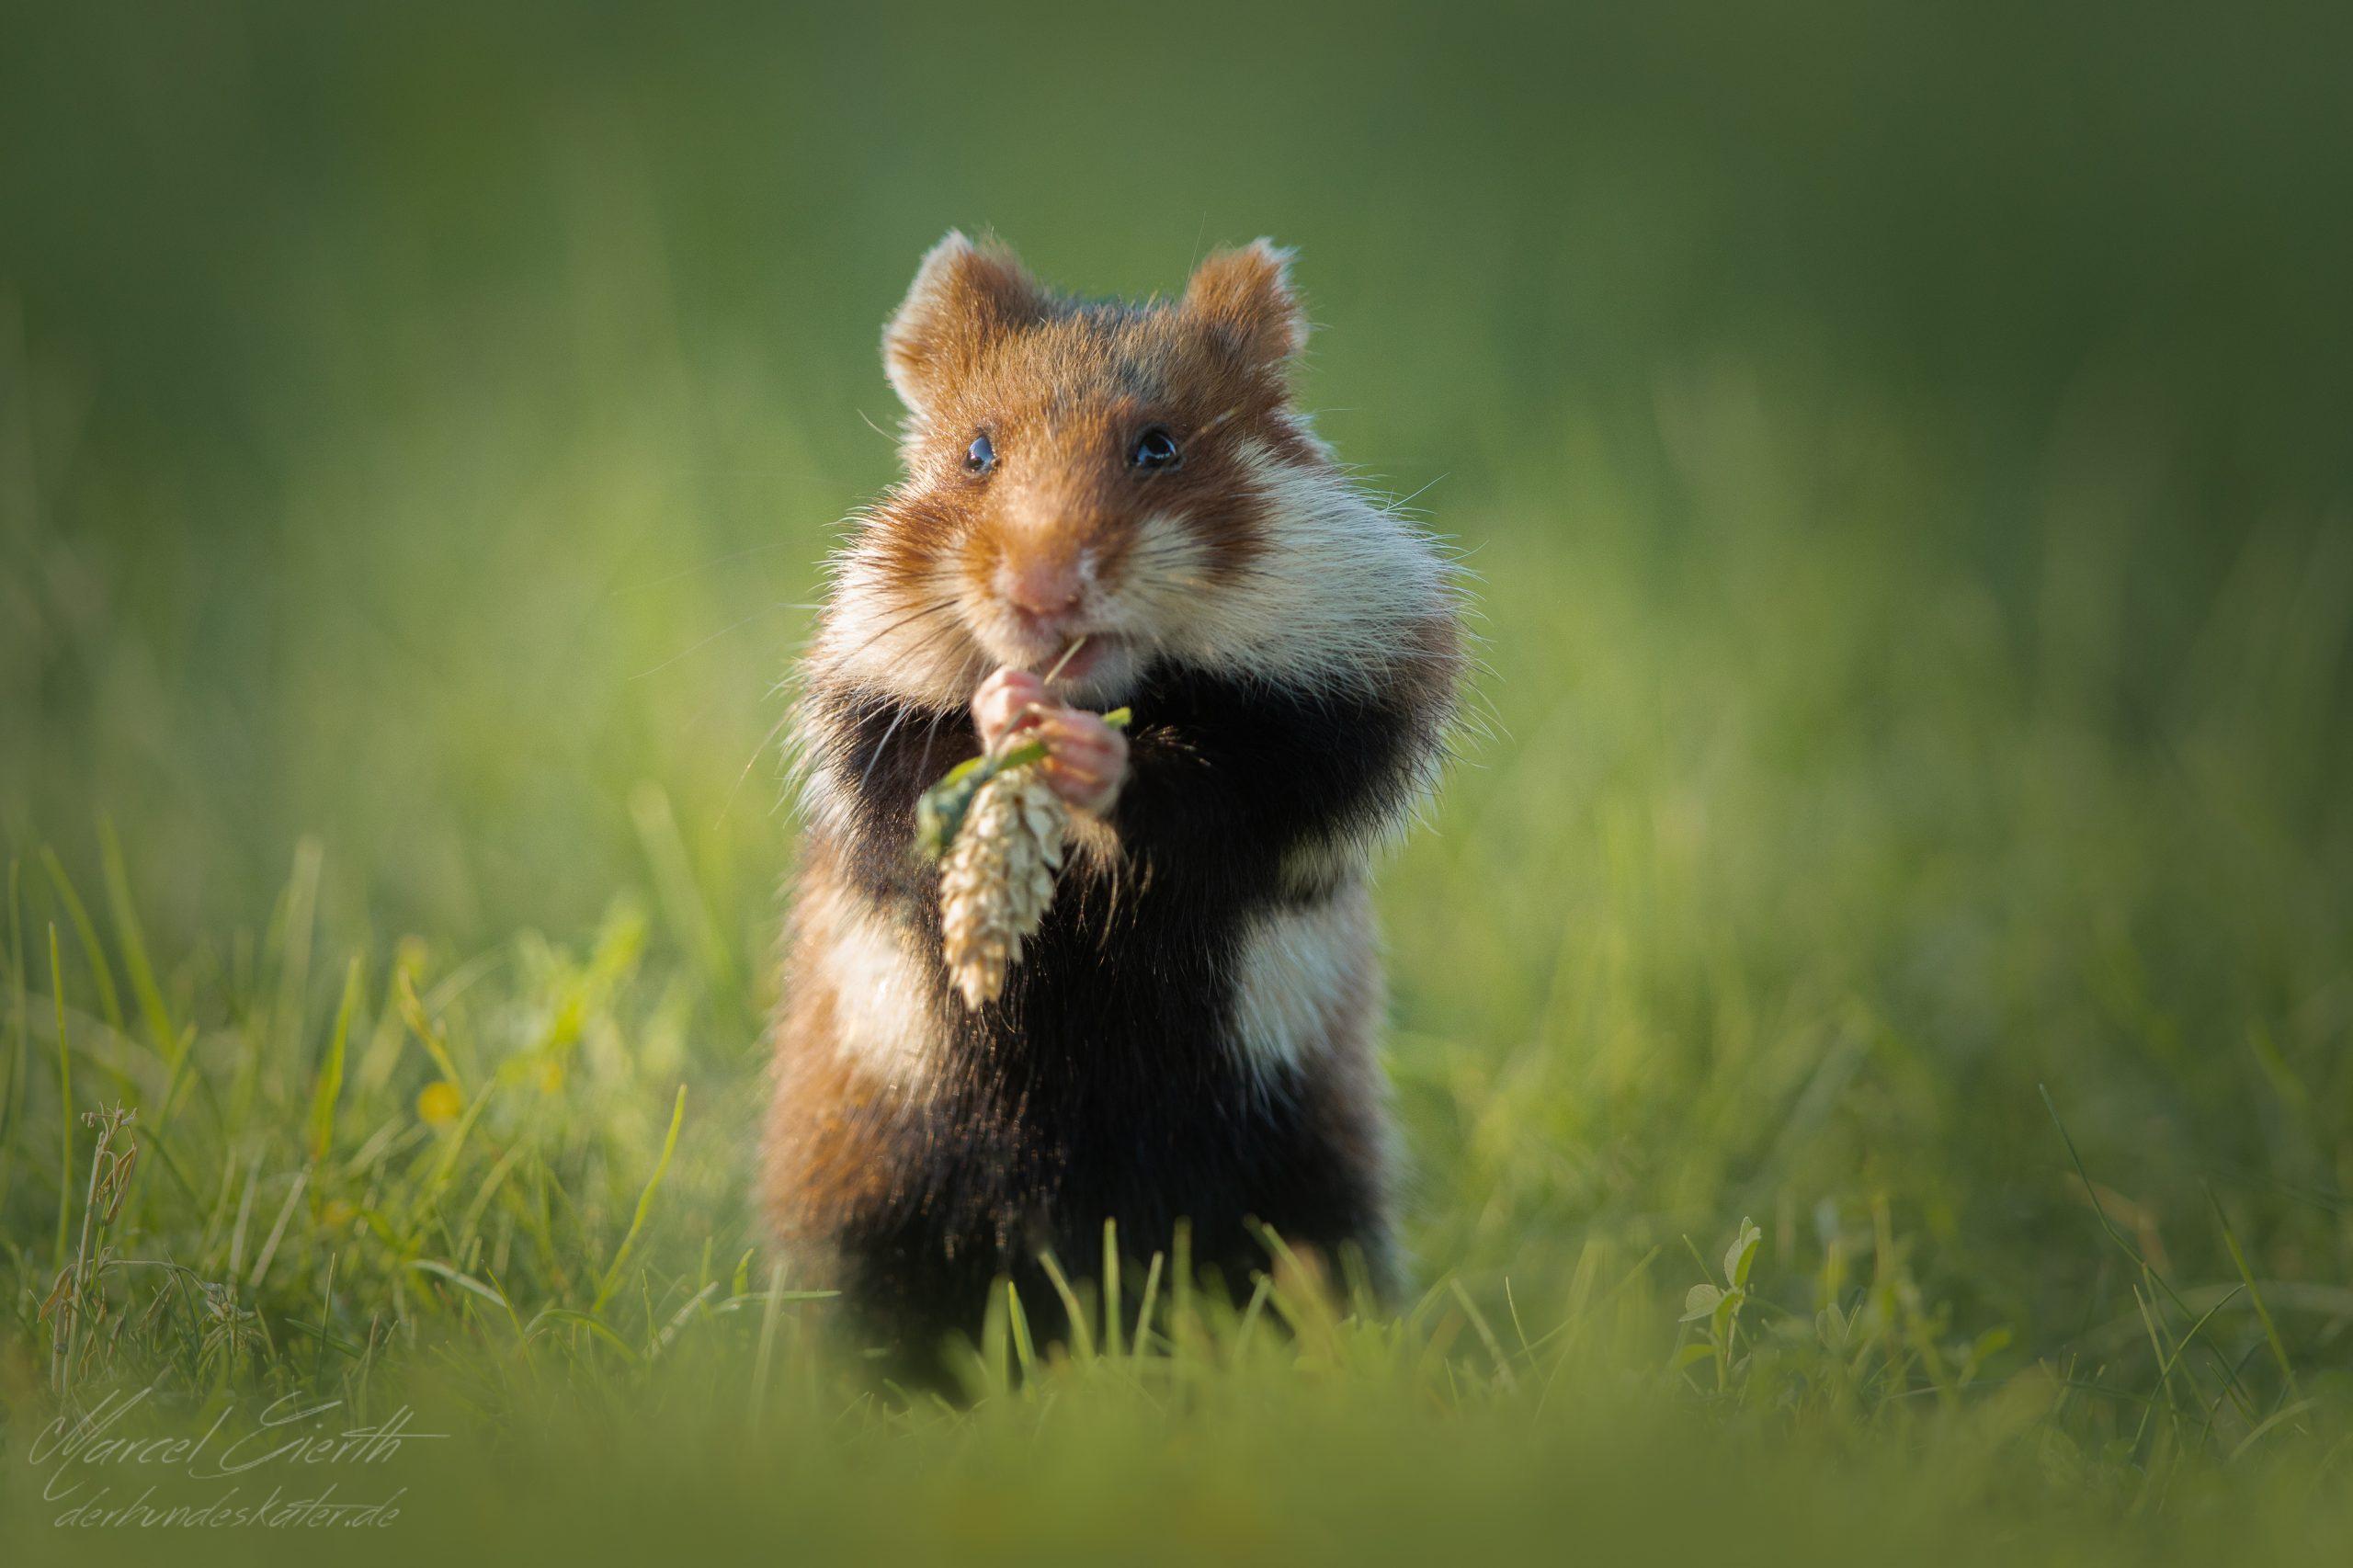 Hamster frisst am Grashalm  - Fotograf Marcel Gierth